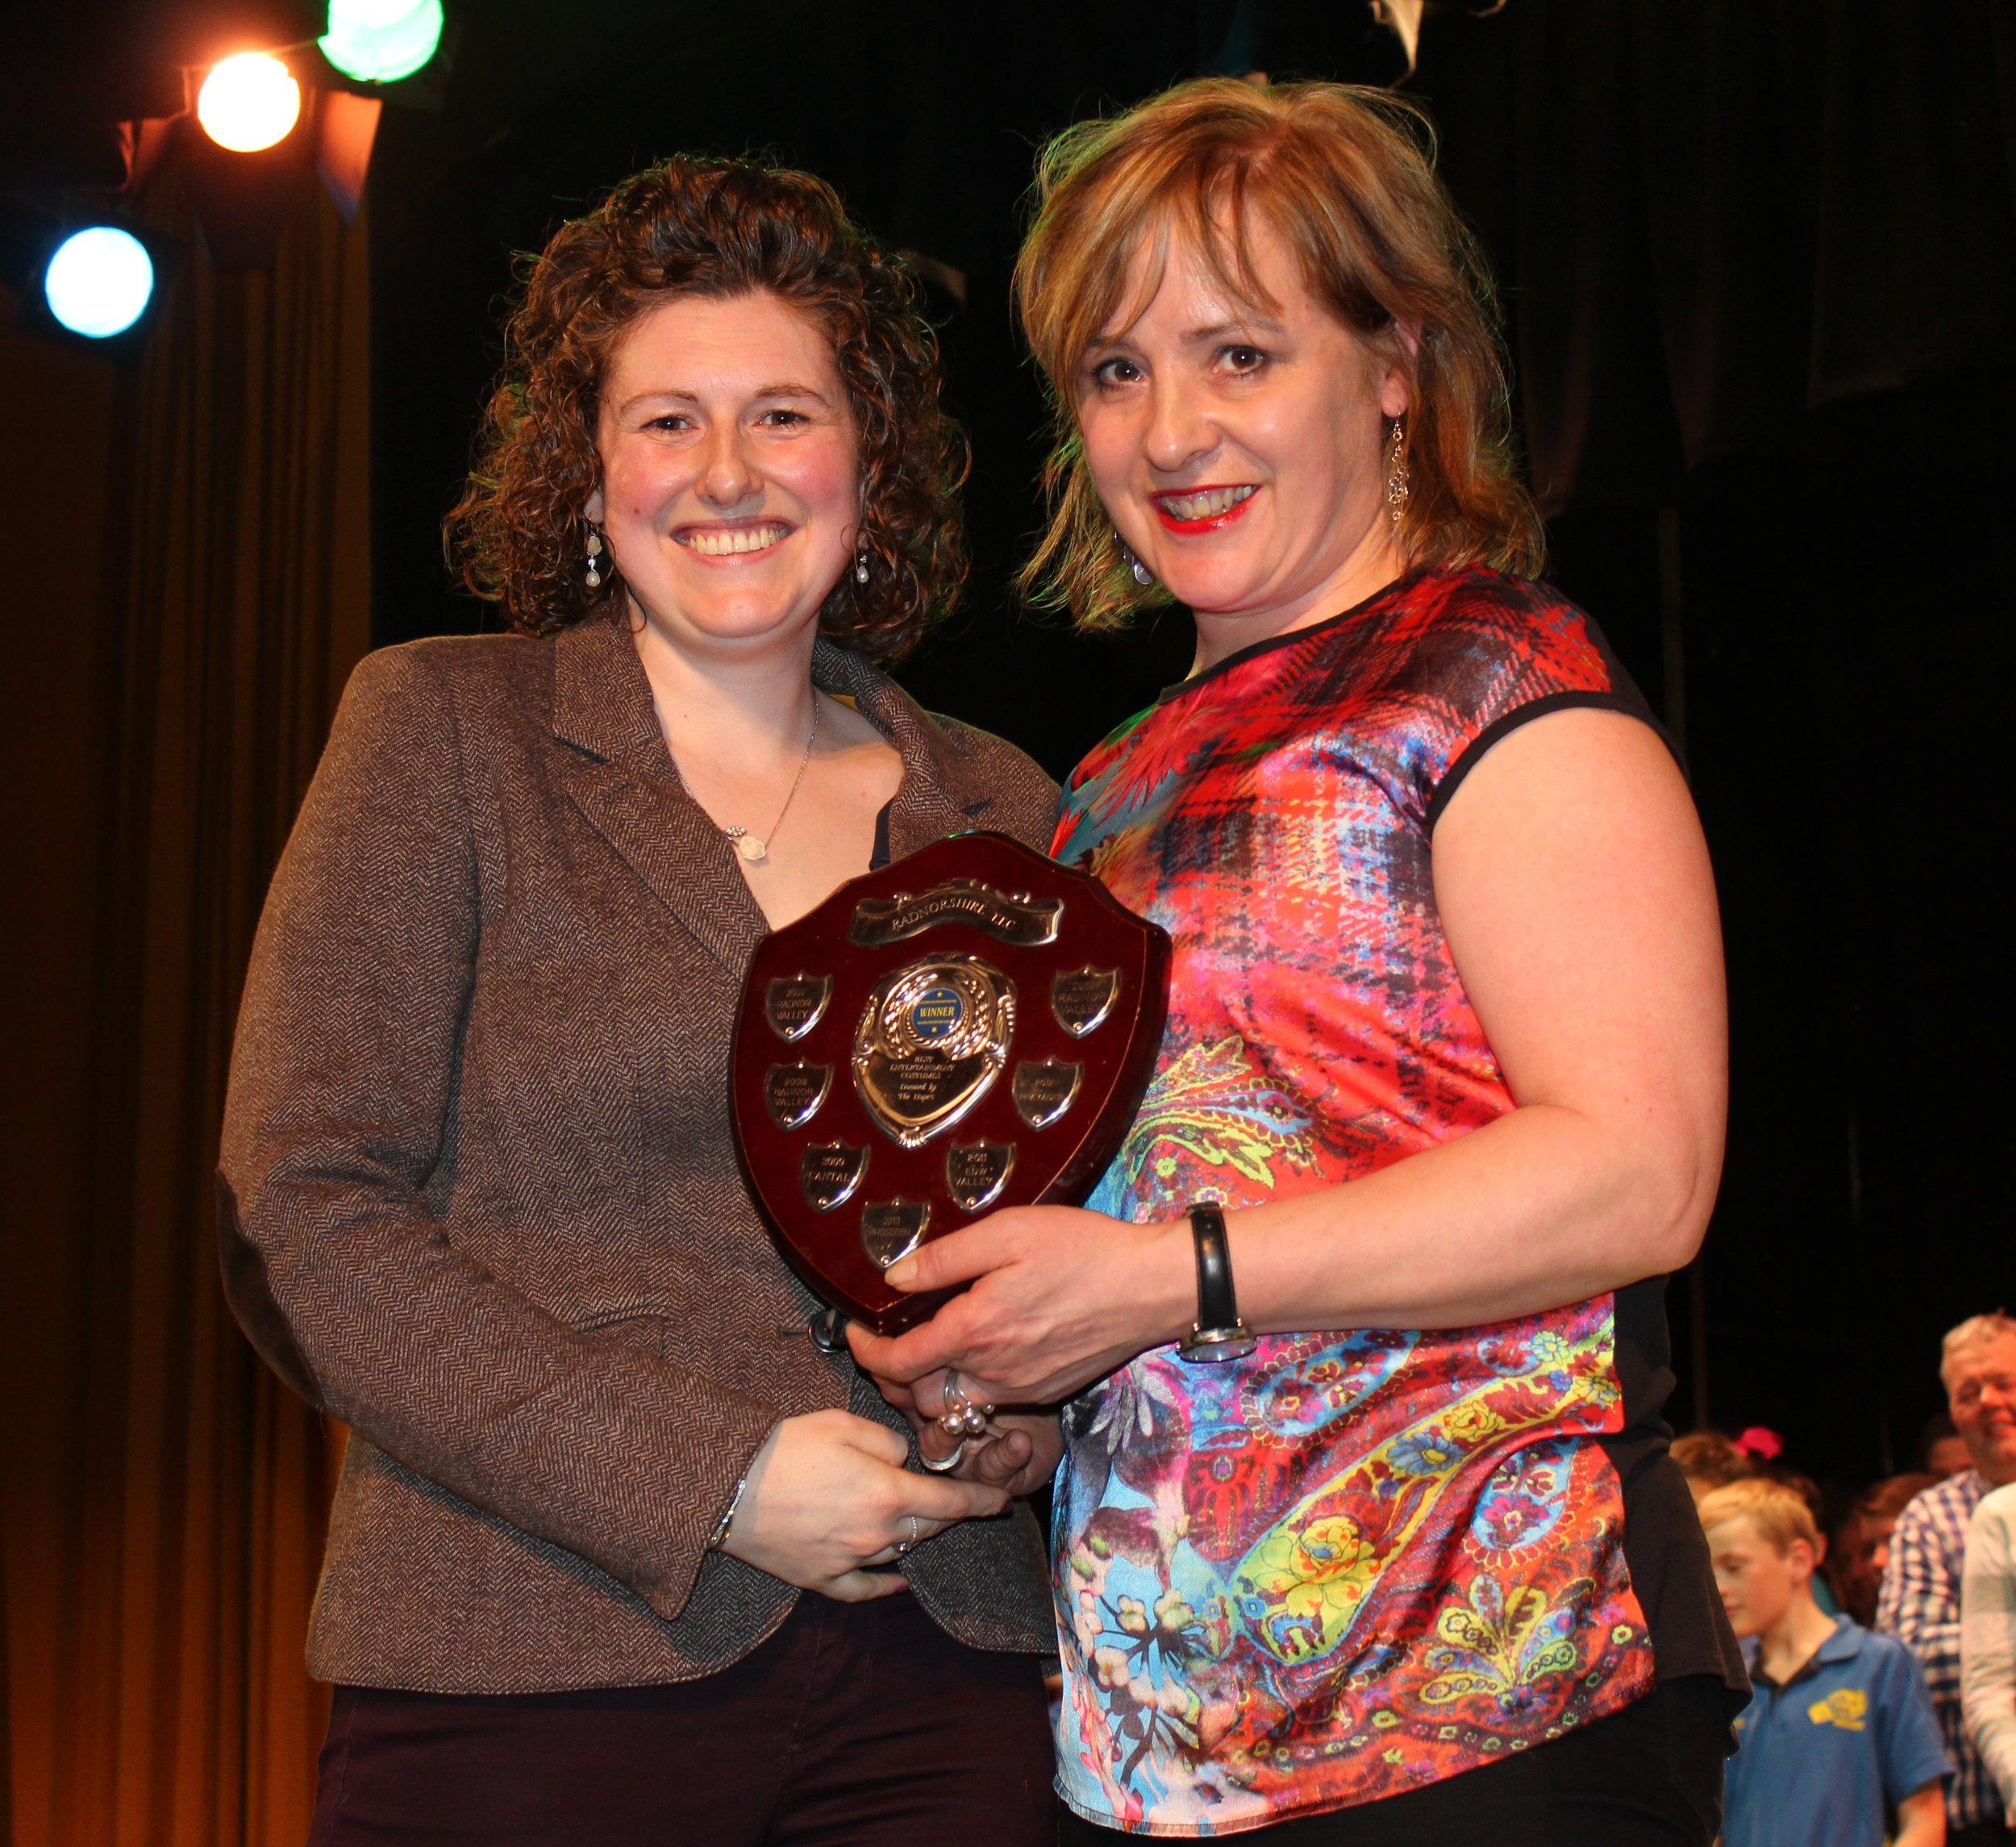 Carole Morgan, Llanbadarn Fynydd YFC - The Hope Family Shield for Best Costume.